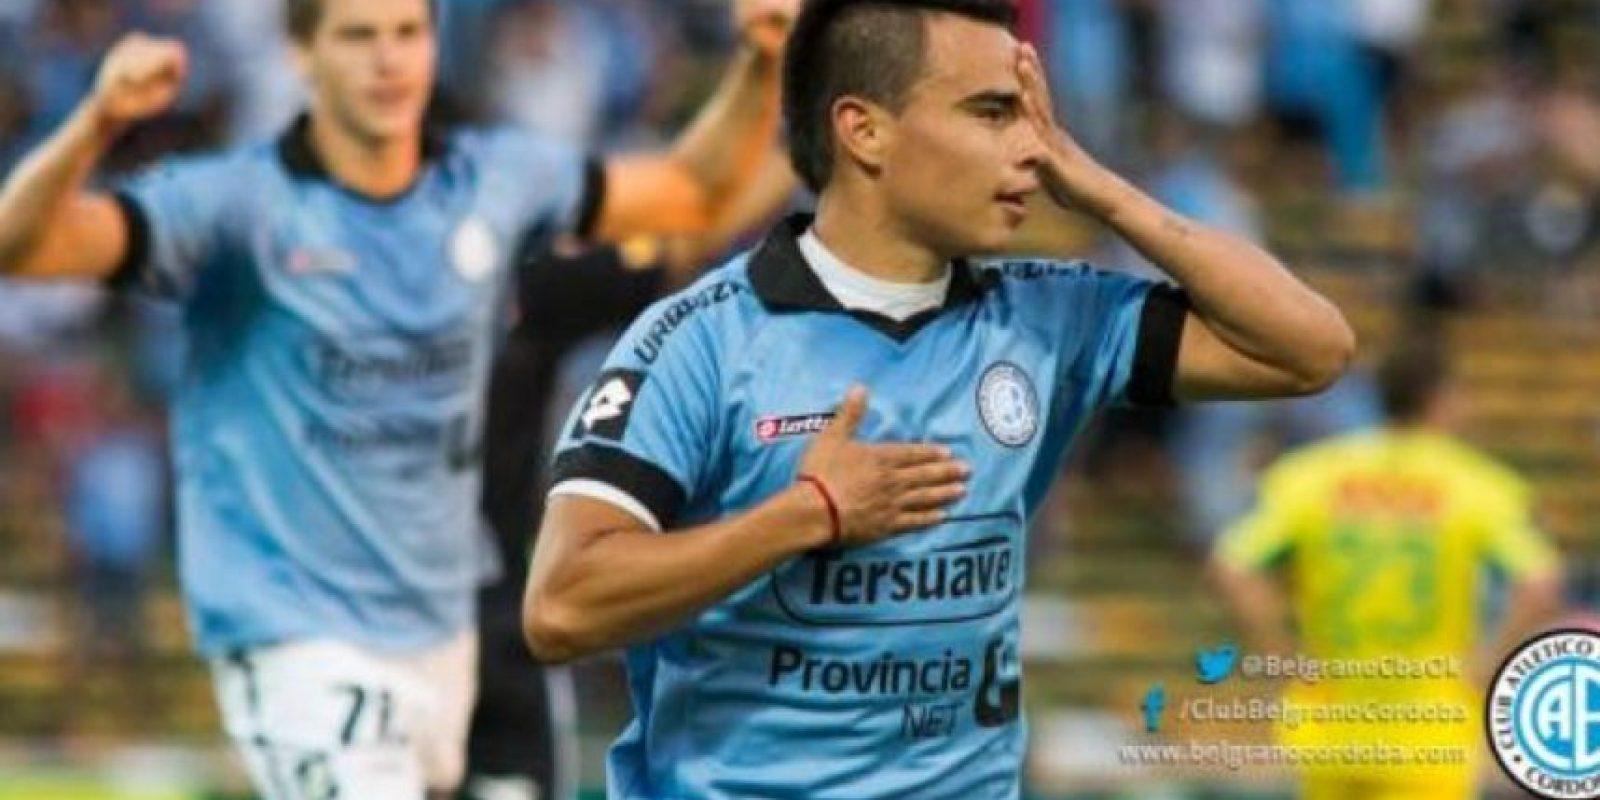 Belgrano venció 3-0 al Defensa y Justicia. Foto:twitter.com/BelgranoCbaOk